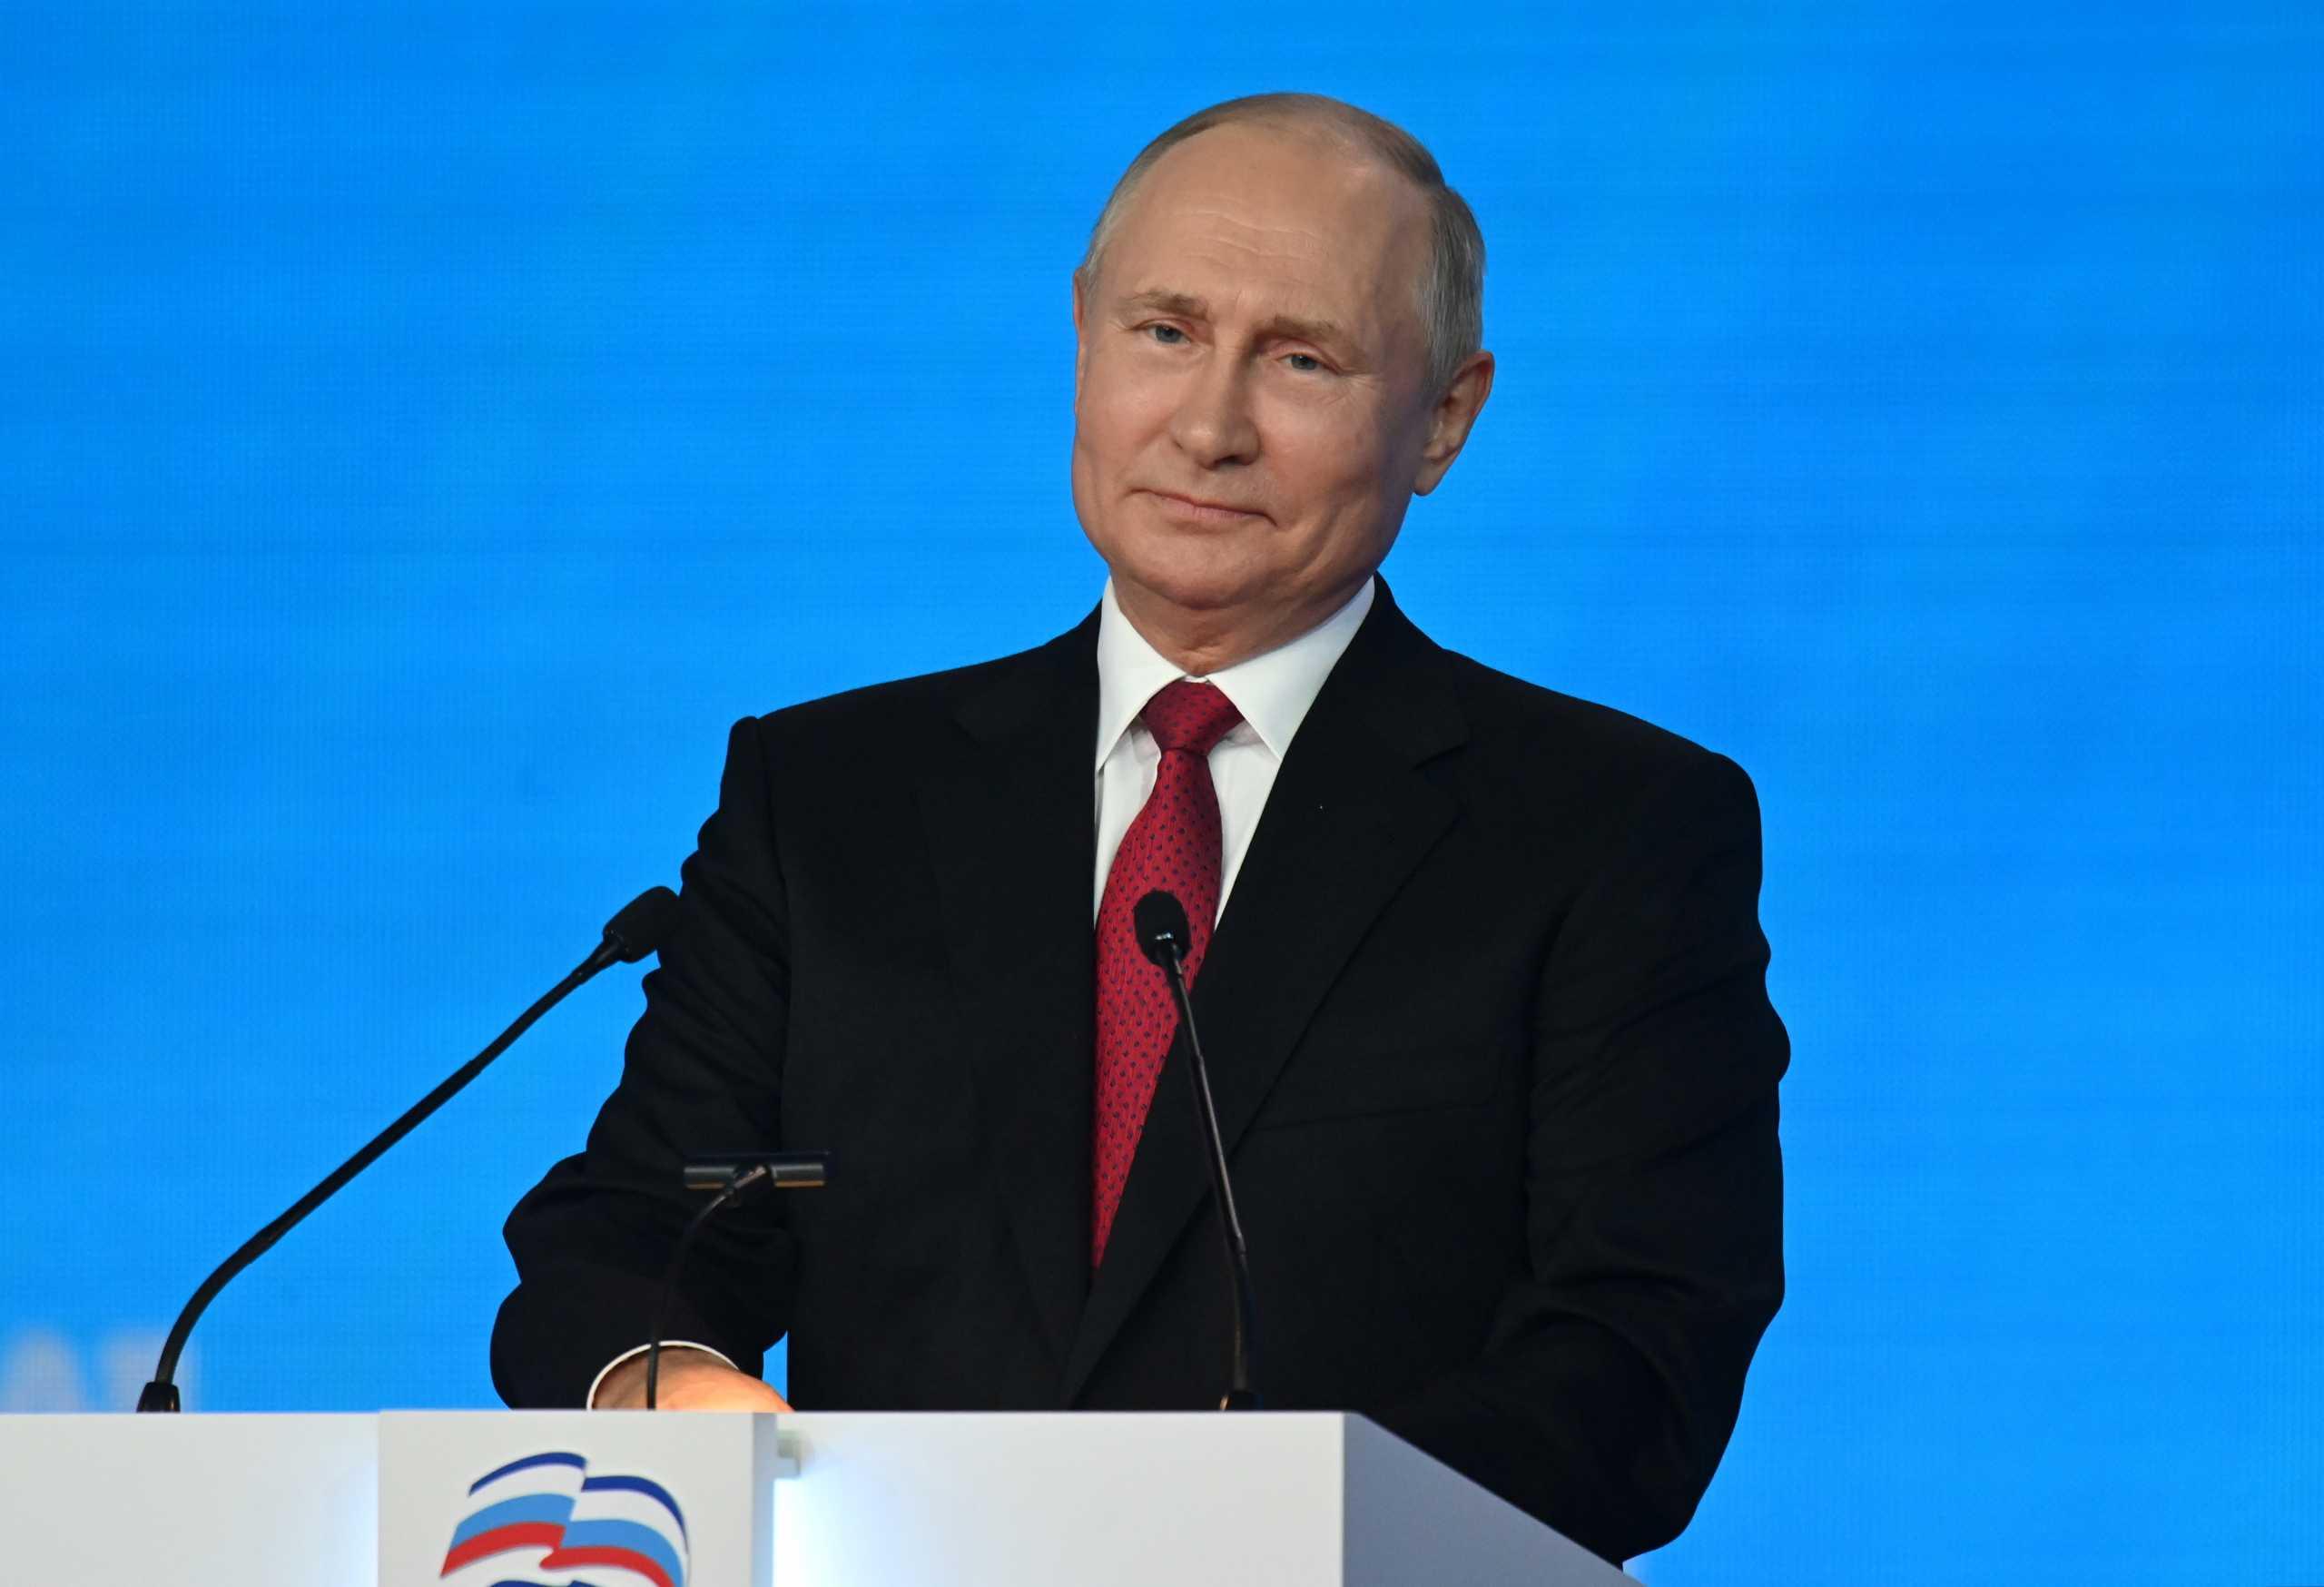 Ο Πούτιν μπήκε σε καραντίνα, παρά τα αυστηρά μέτρα ασφαλείας